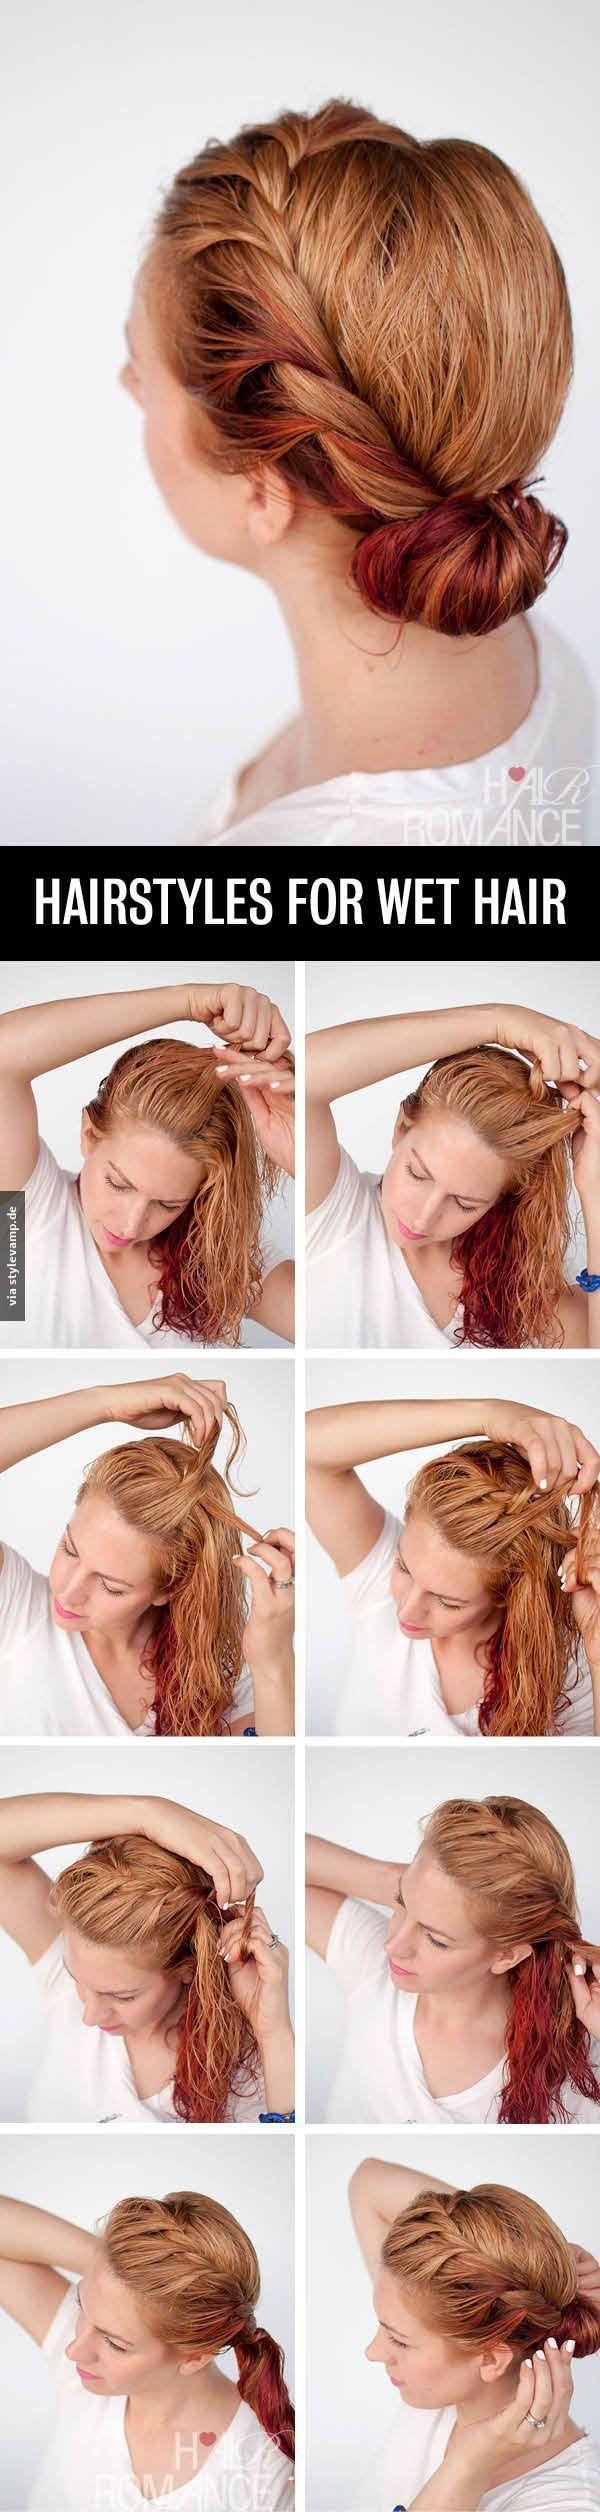 Frisur für nasse Haare!